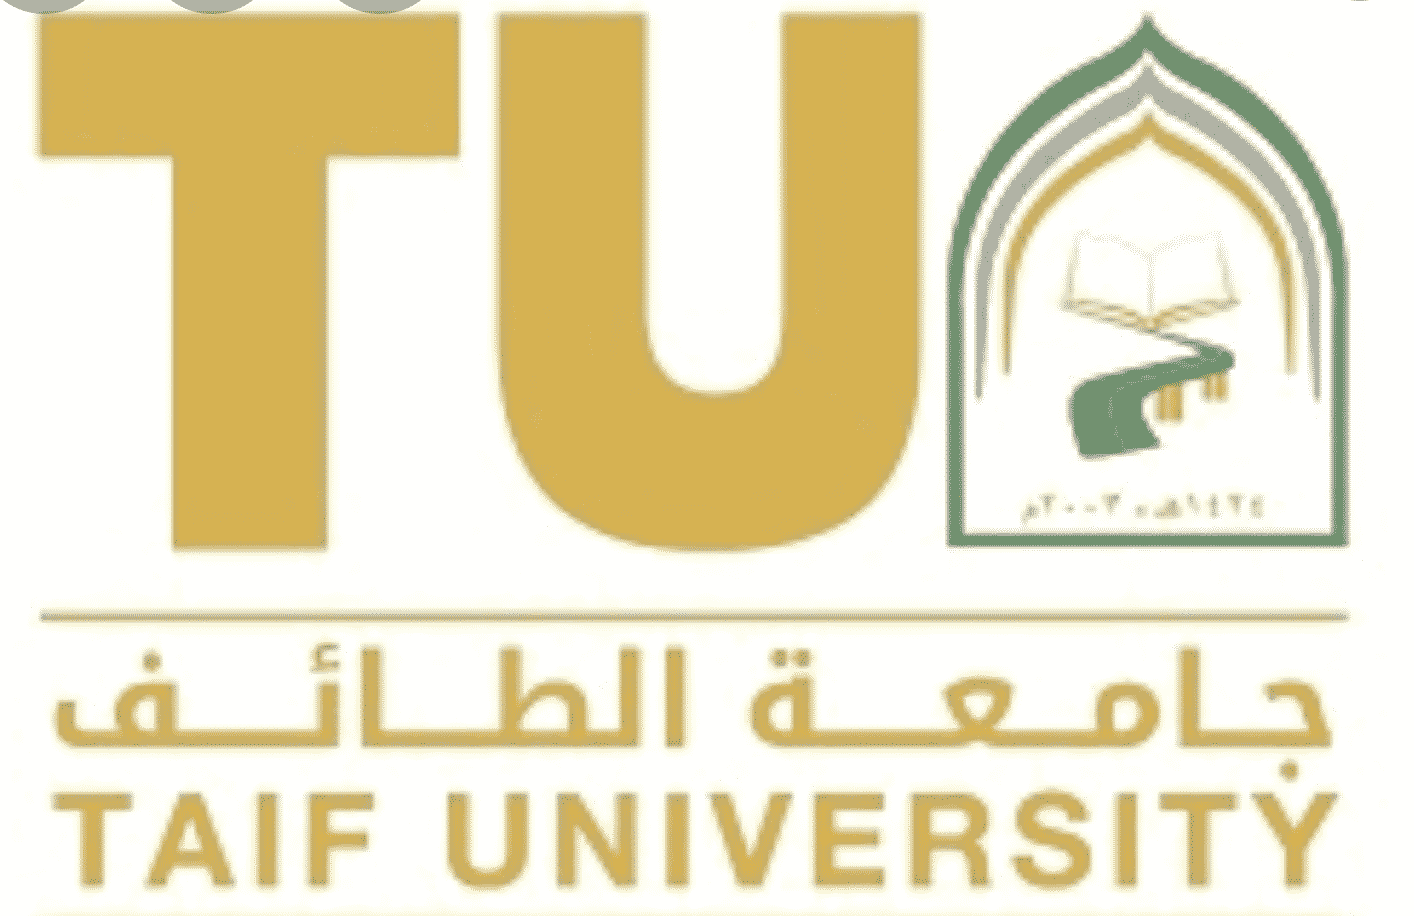 بلاك بورد الطائف بالخطوات شرح طريقة التسجيل في Blackboard جامعة الطائف